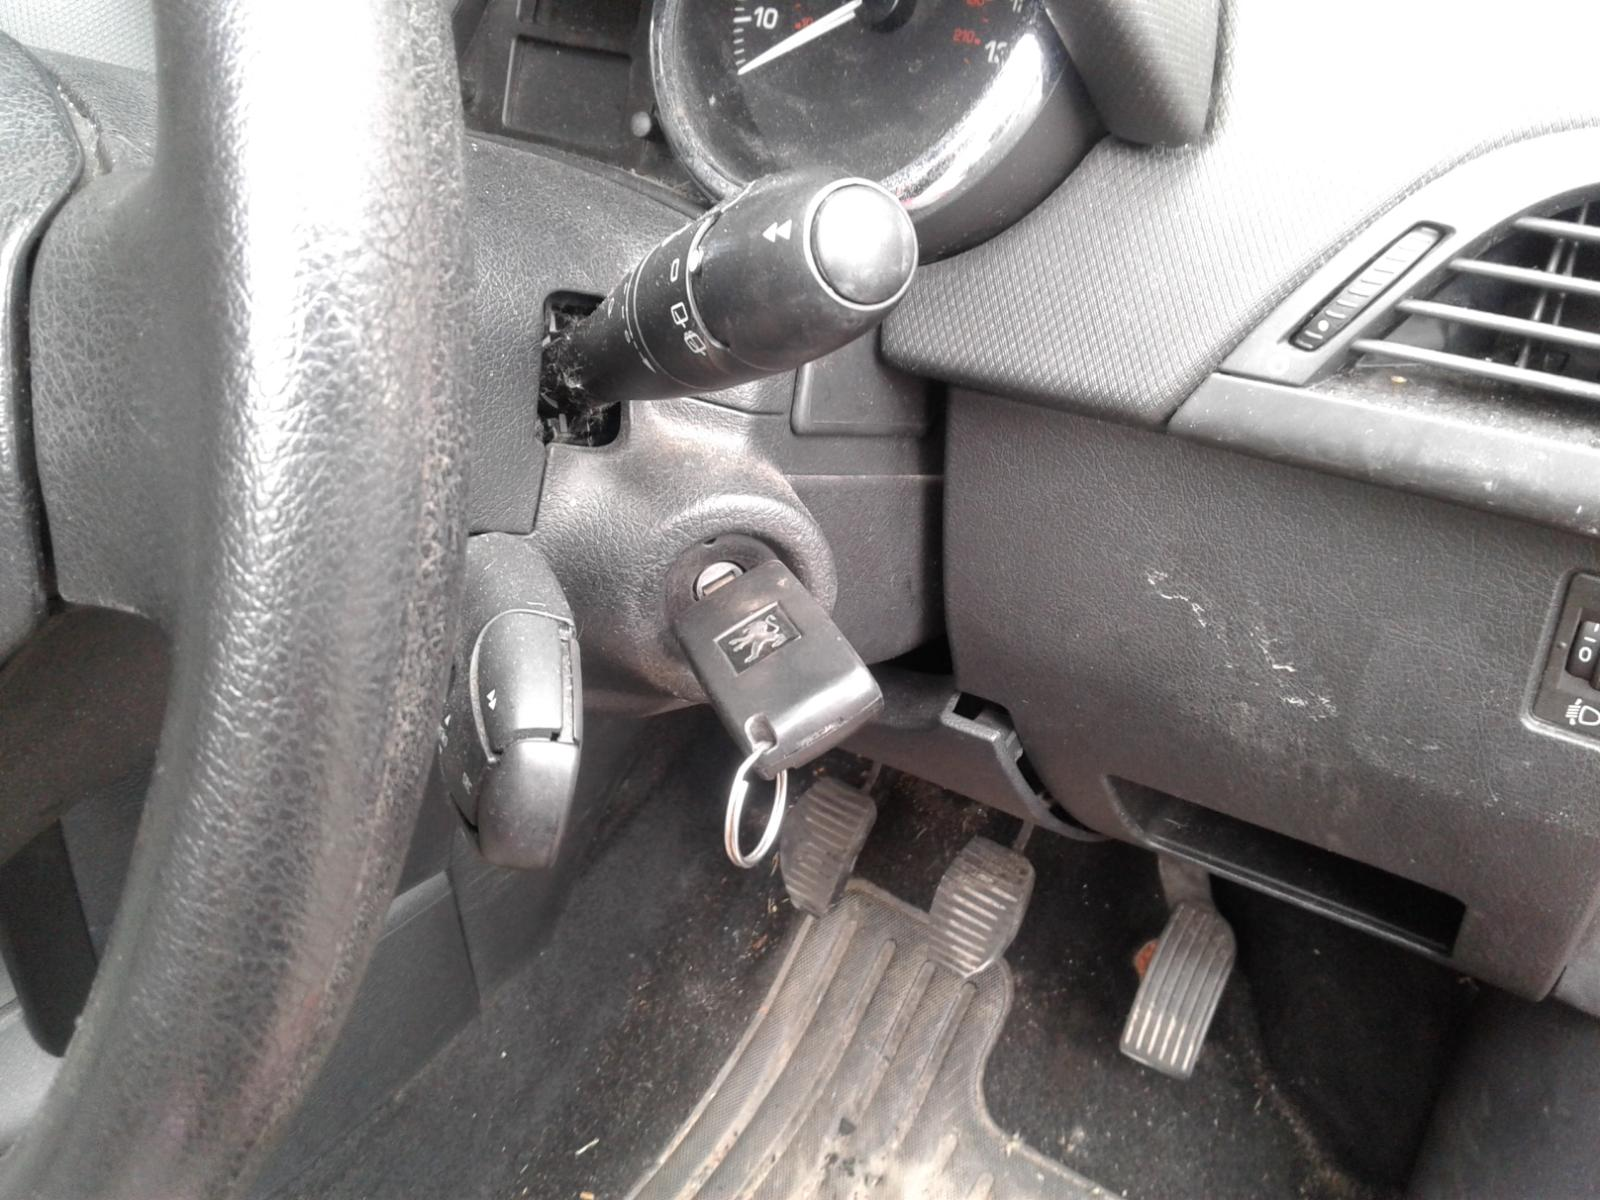 View Auto part PEUGEOT 207 2007 3 Door Hatchback